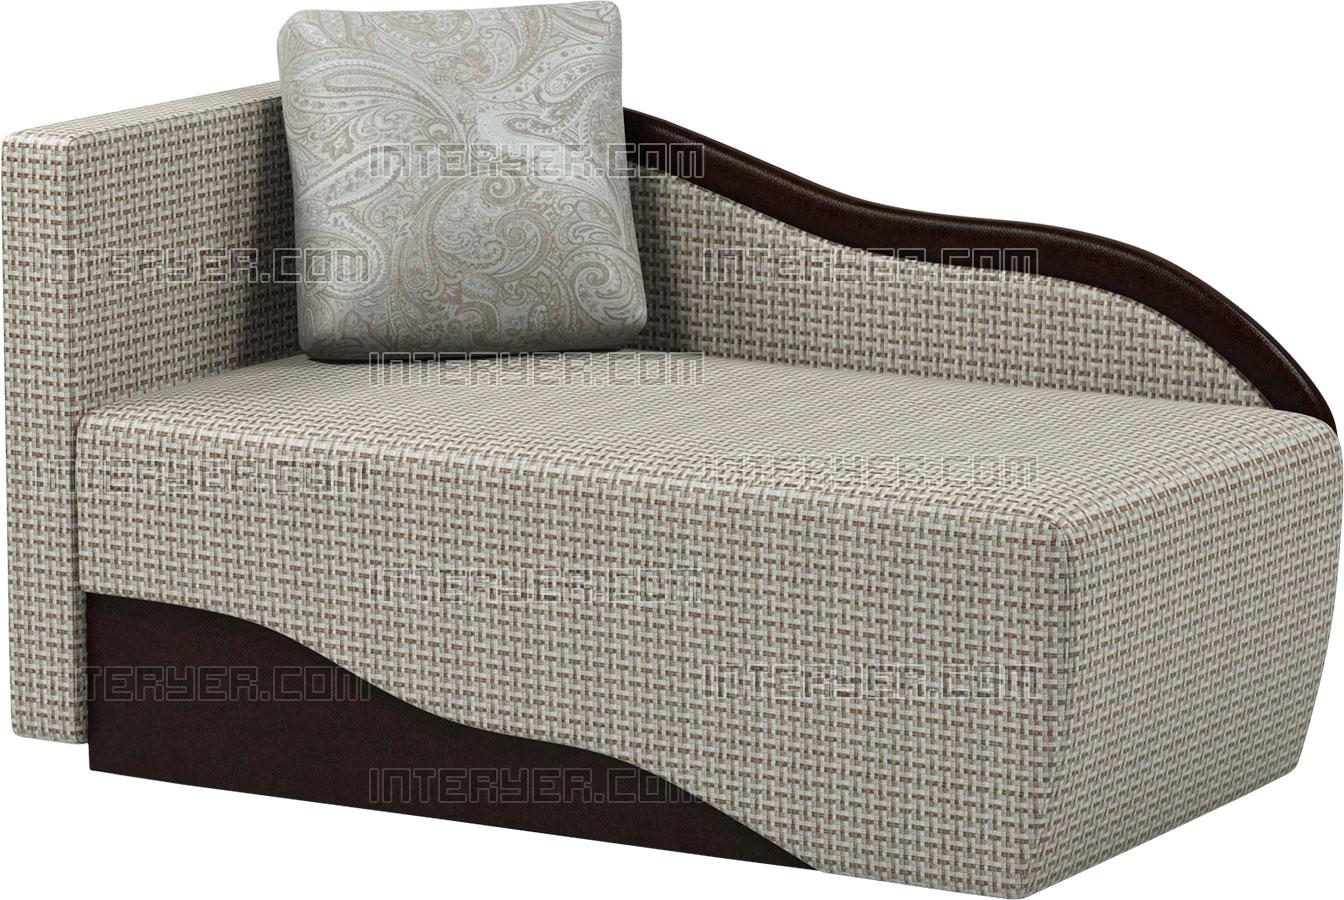 купить диван малютка а2 диван кушетка малютка а2 недорого в москве